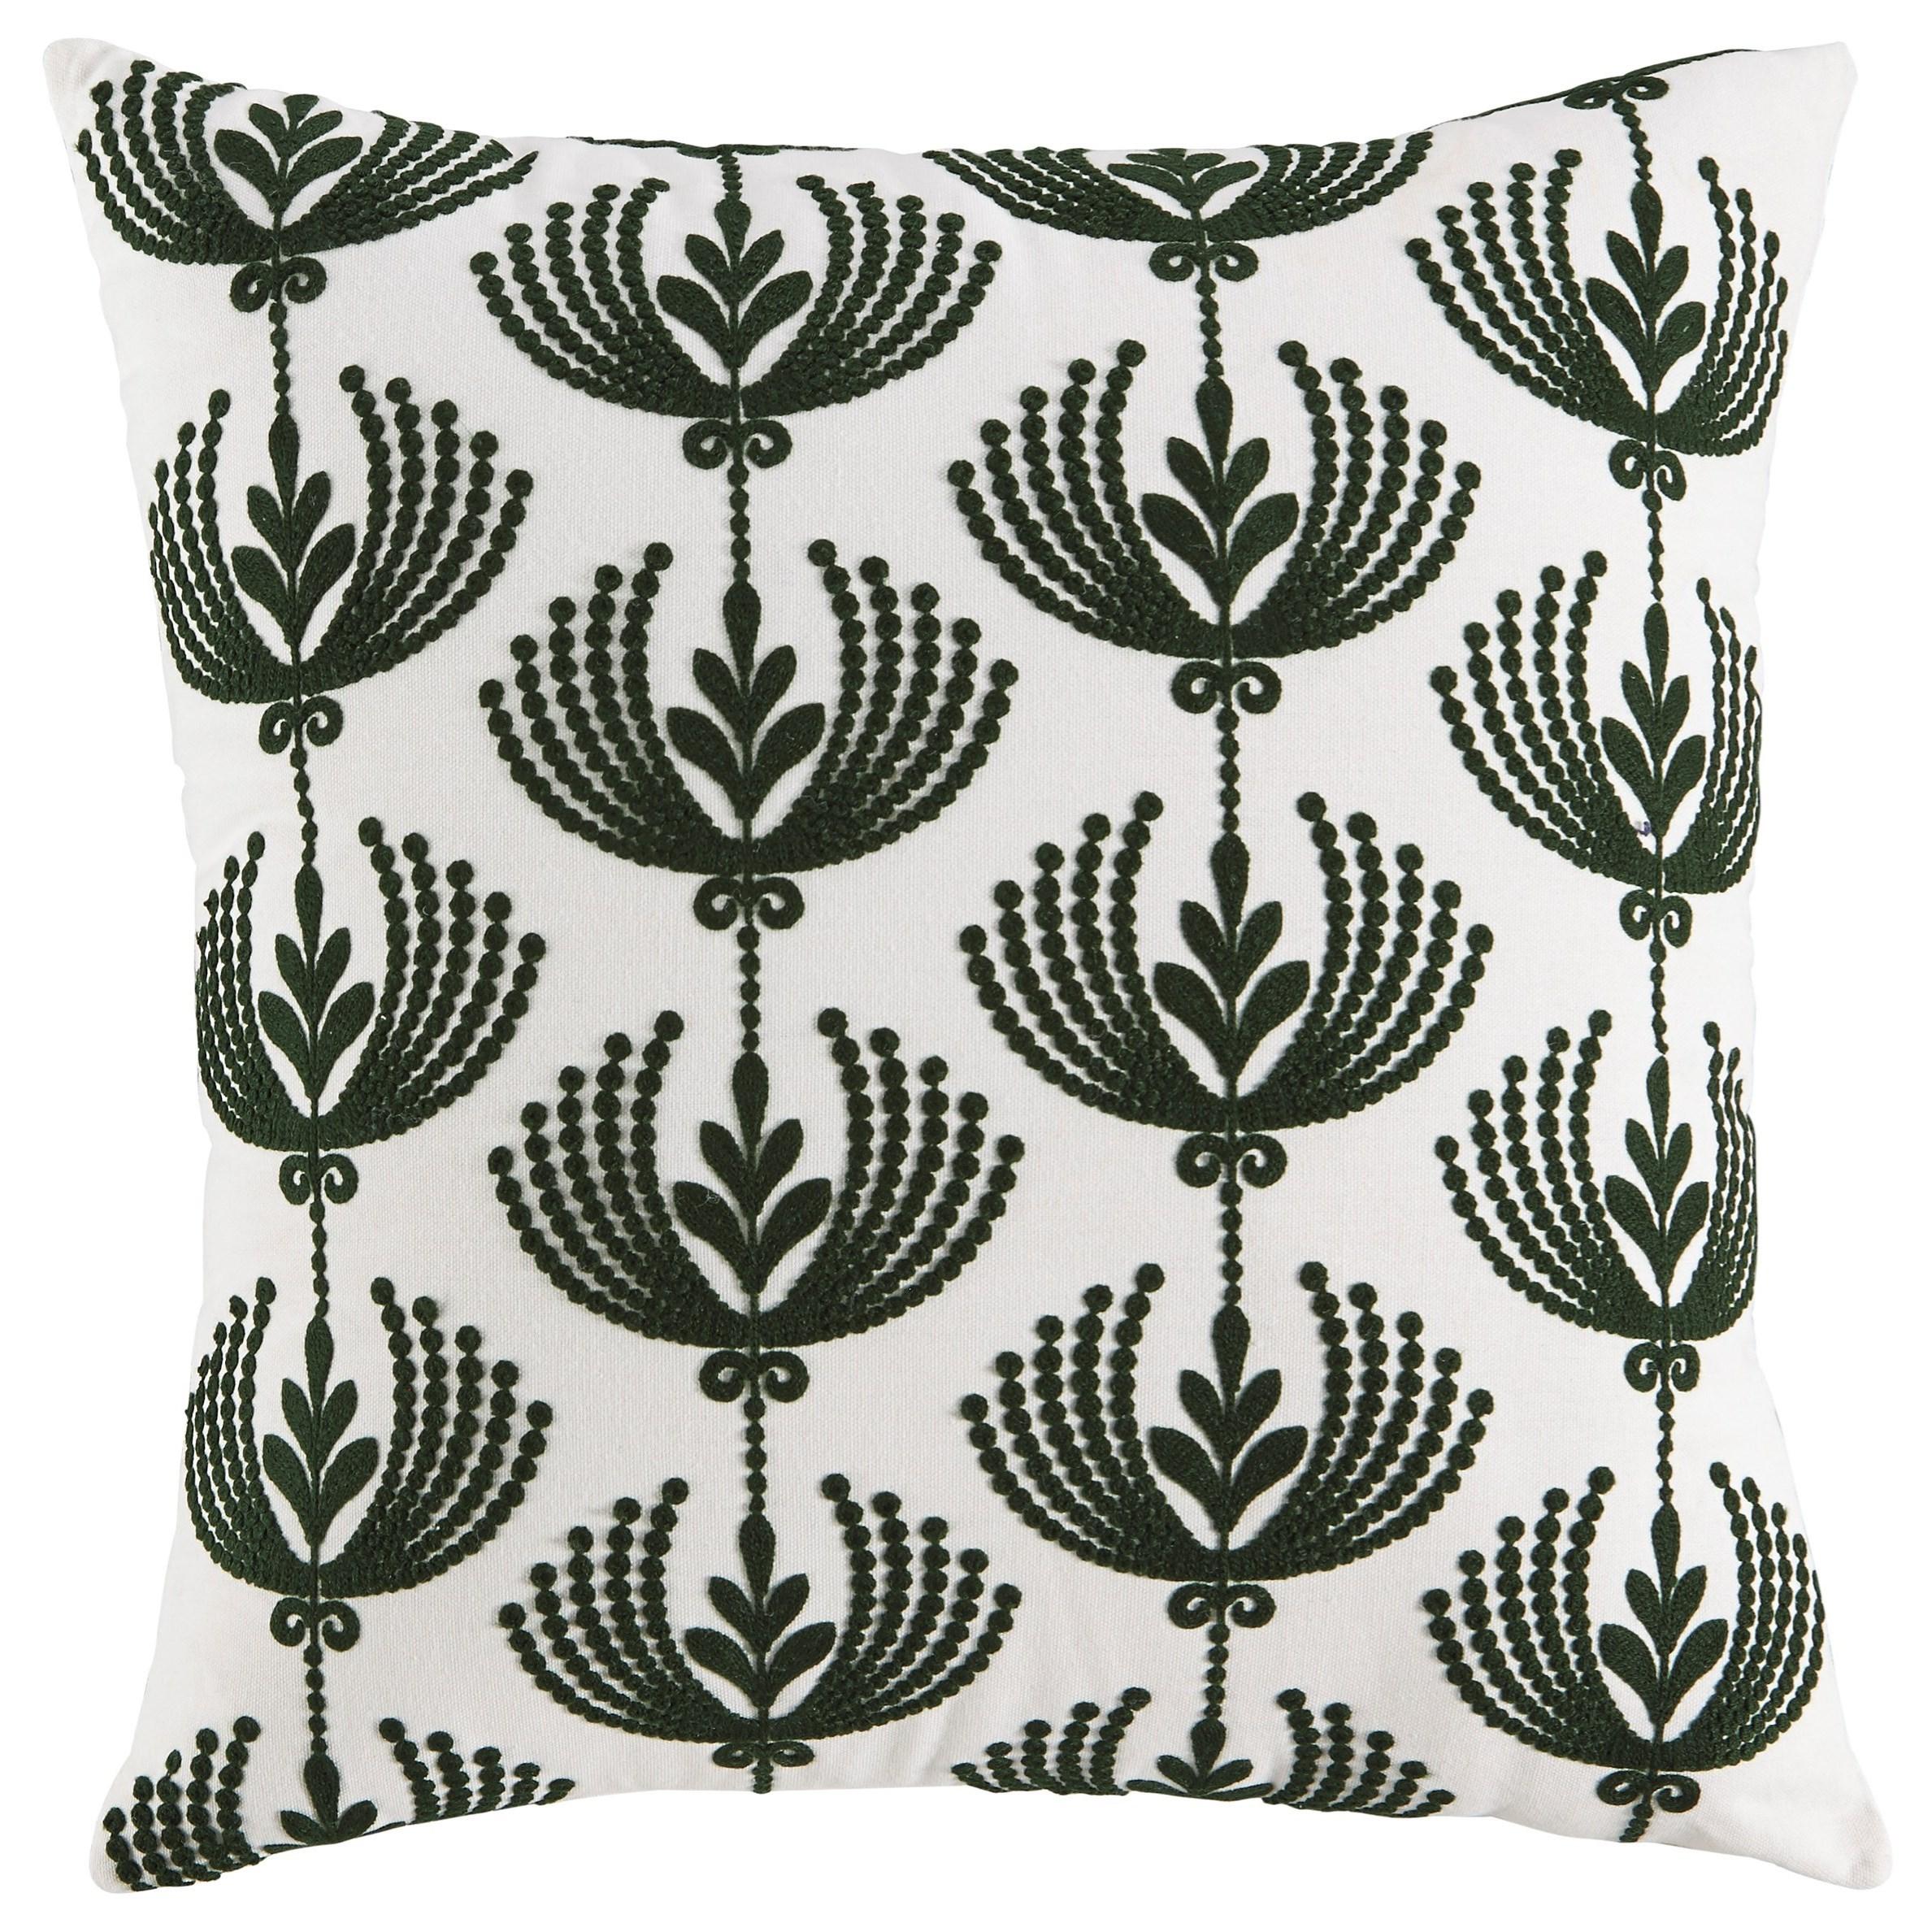 Dowden Cream/Emerald Pillow